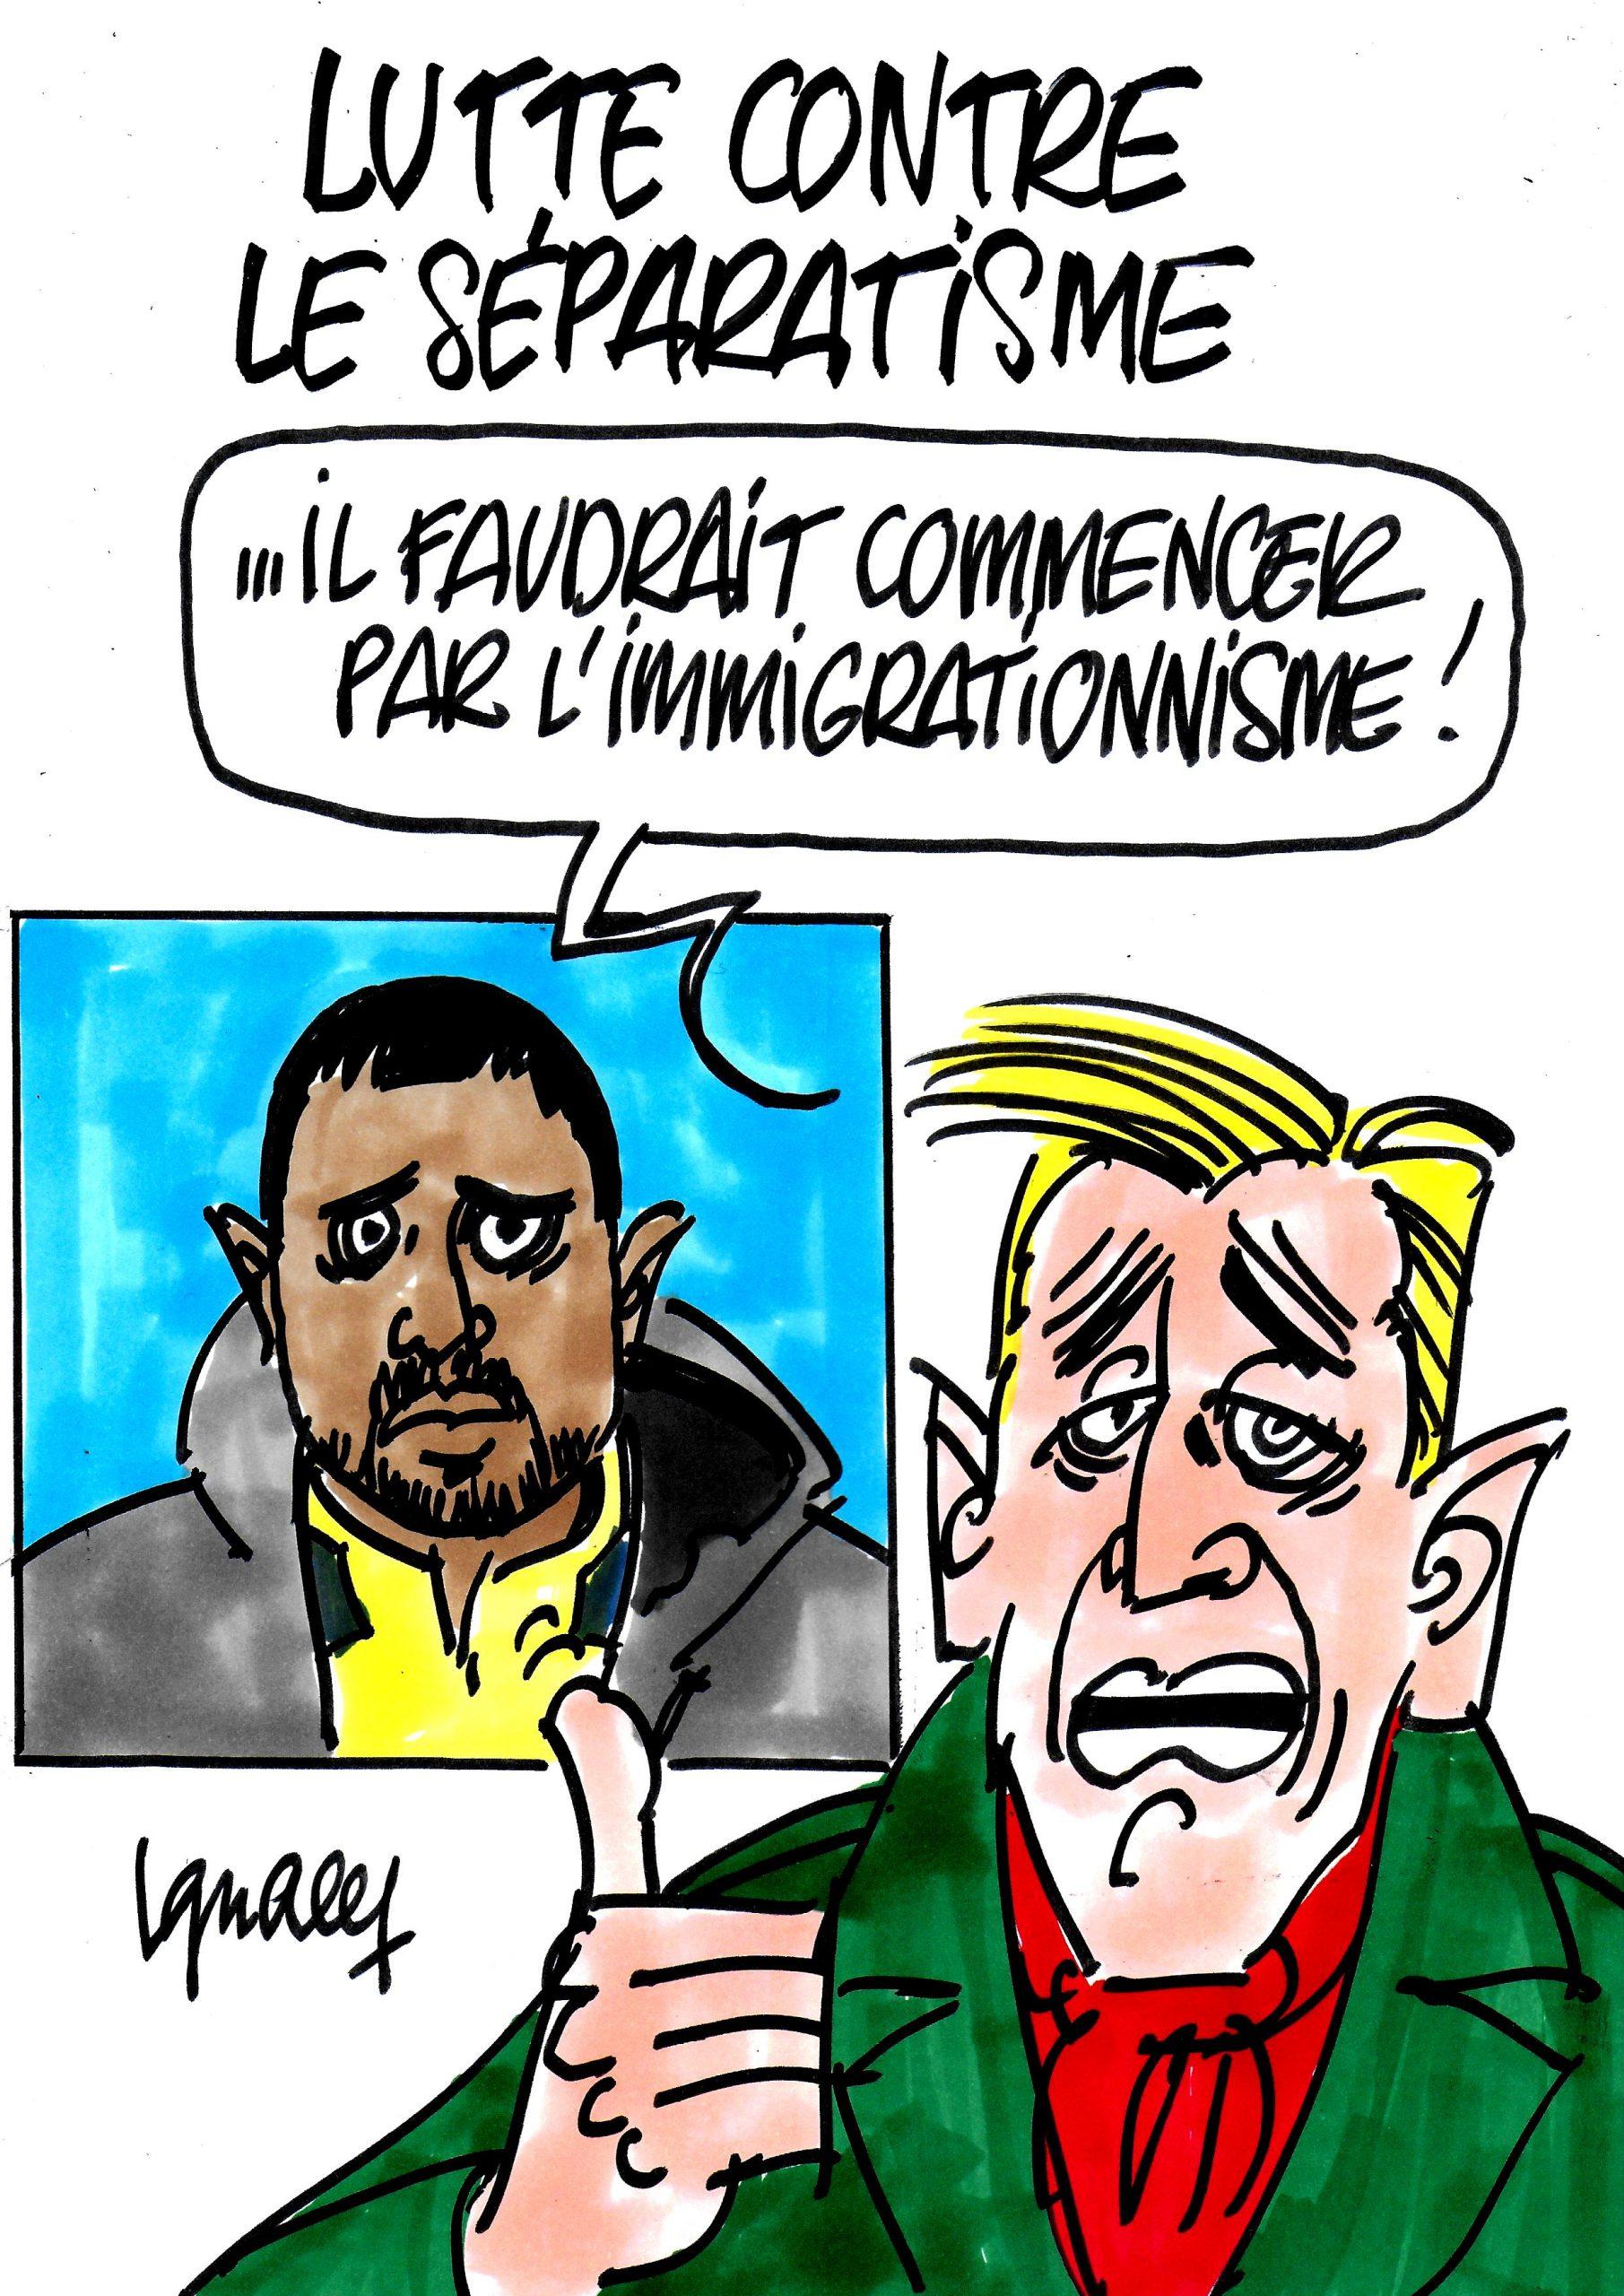 Ignace - Lutte contre le séparatisme